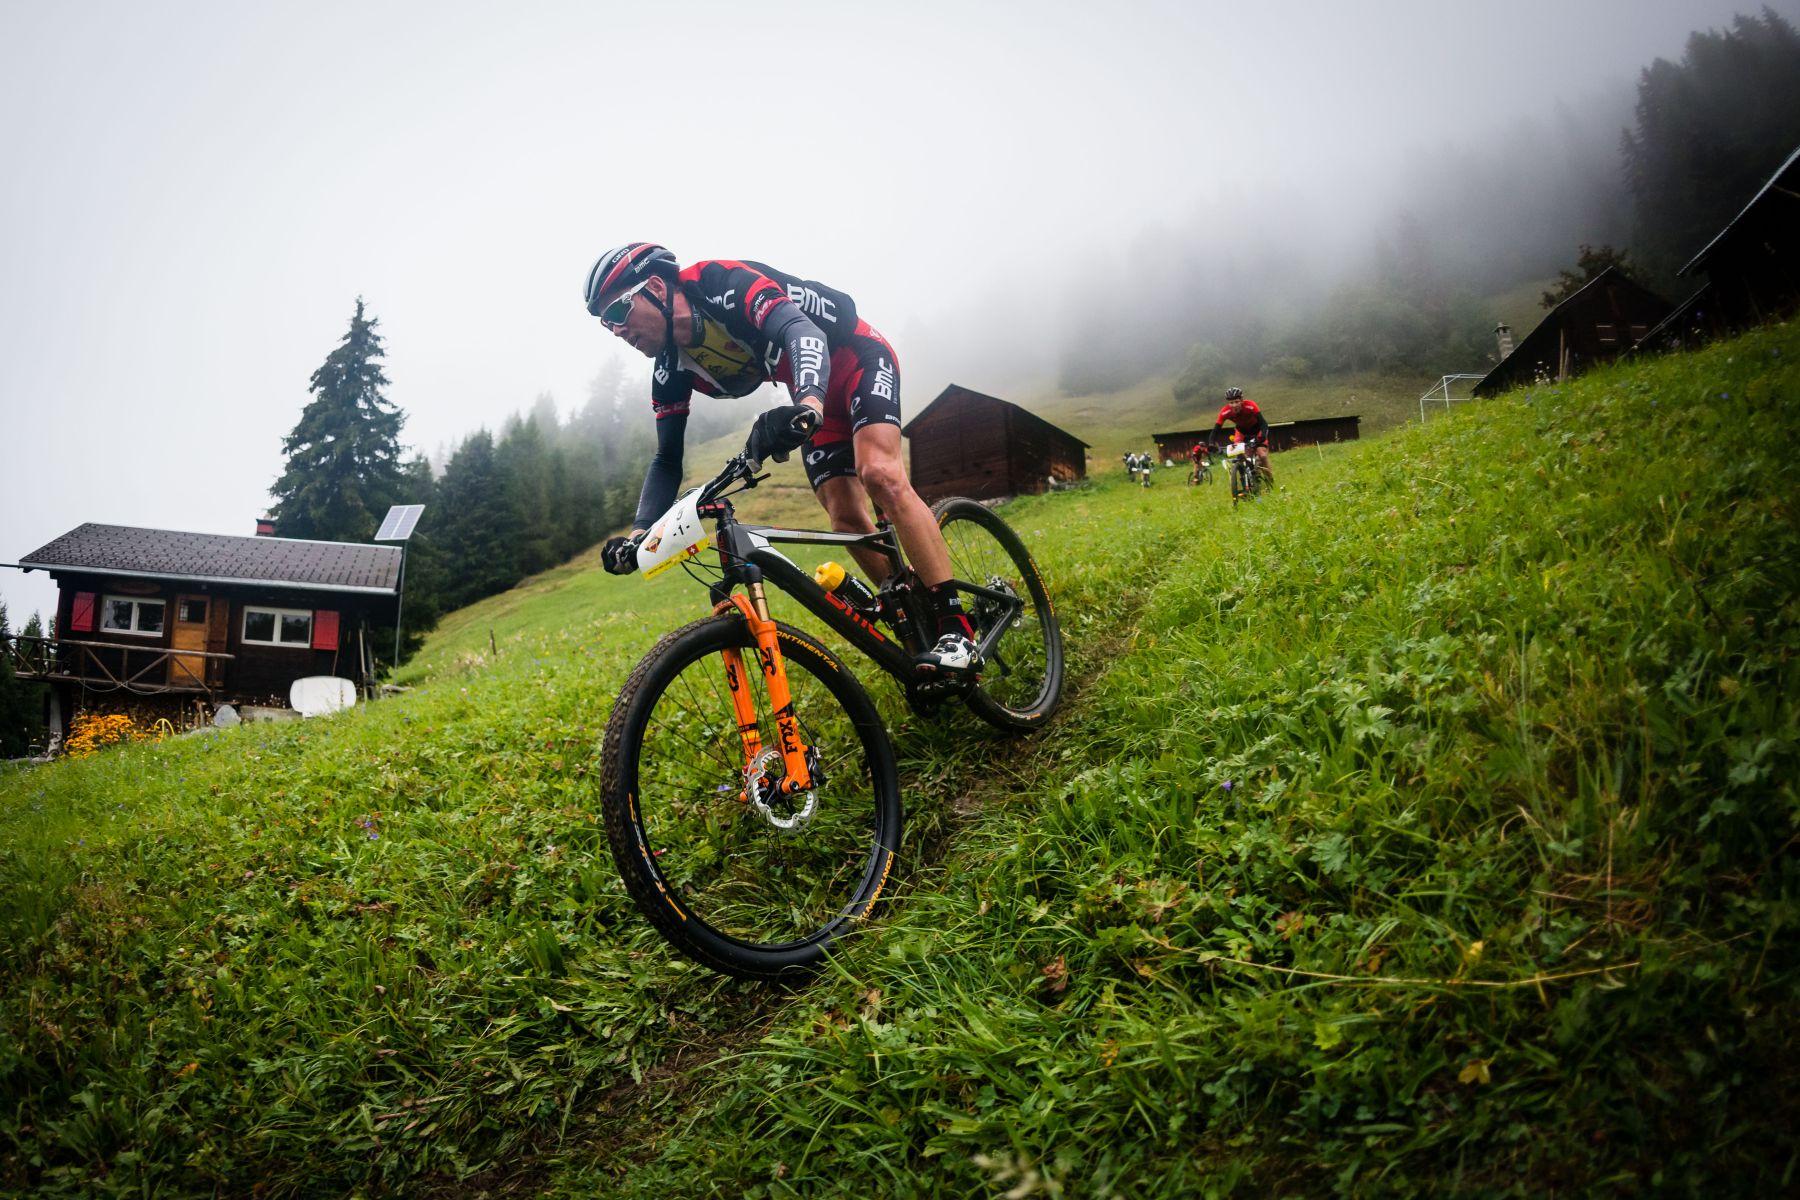 Lukas Fluckiger camino del triunfo final.